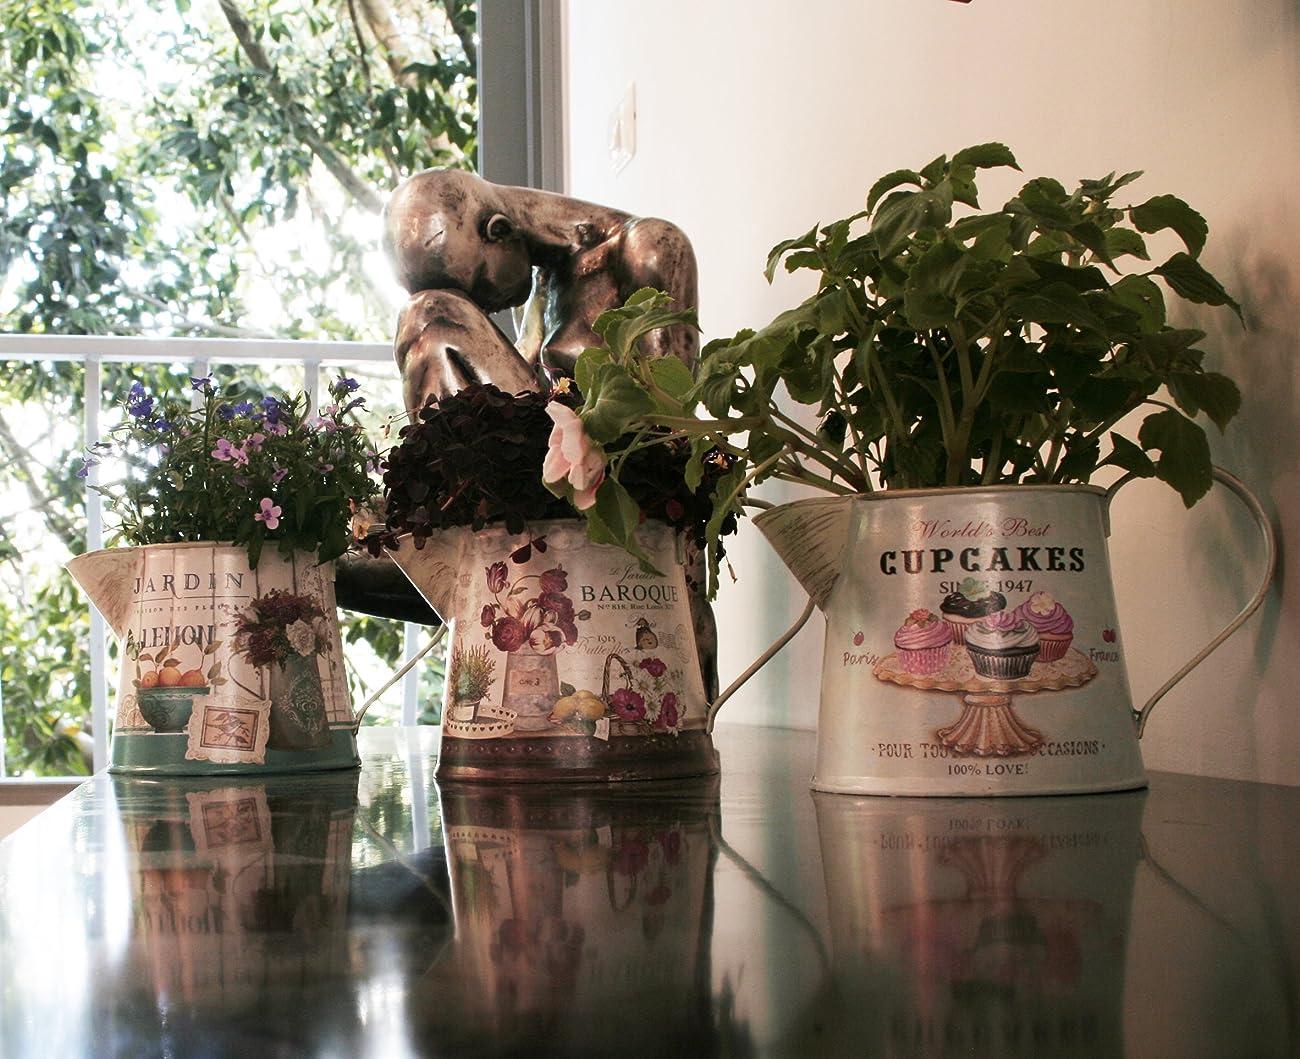 Janazala Small Flower Pots Indoor Decorative, Indoor Flower Pots, Set of 3 (Metal, Colorful) 5